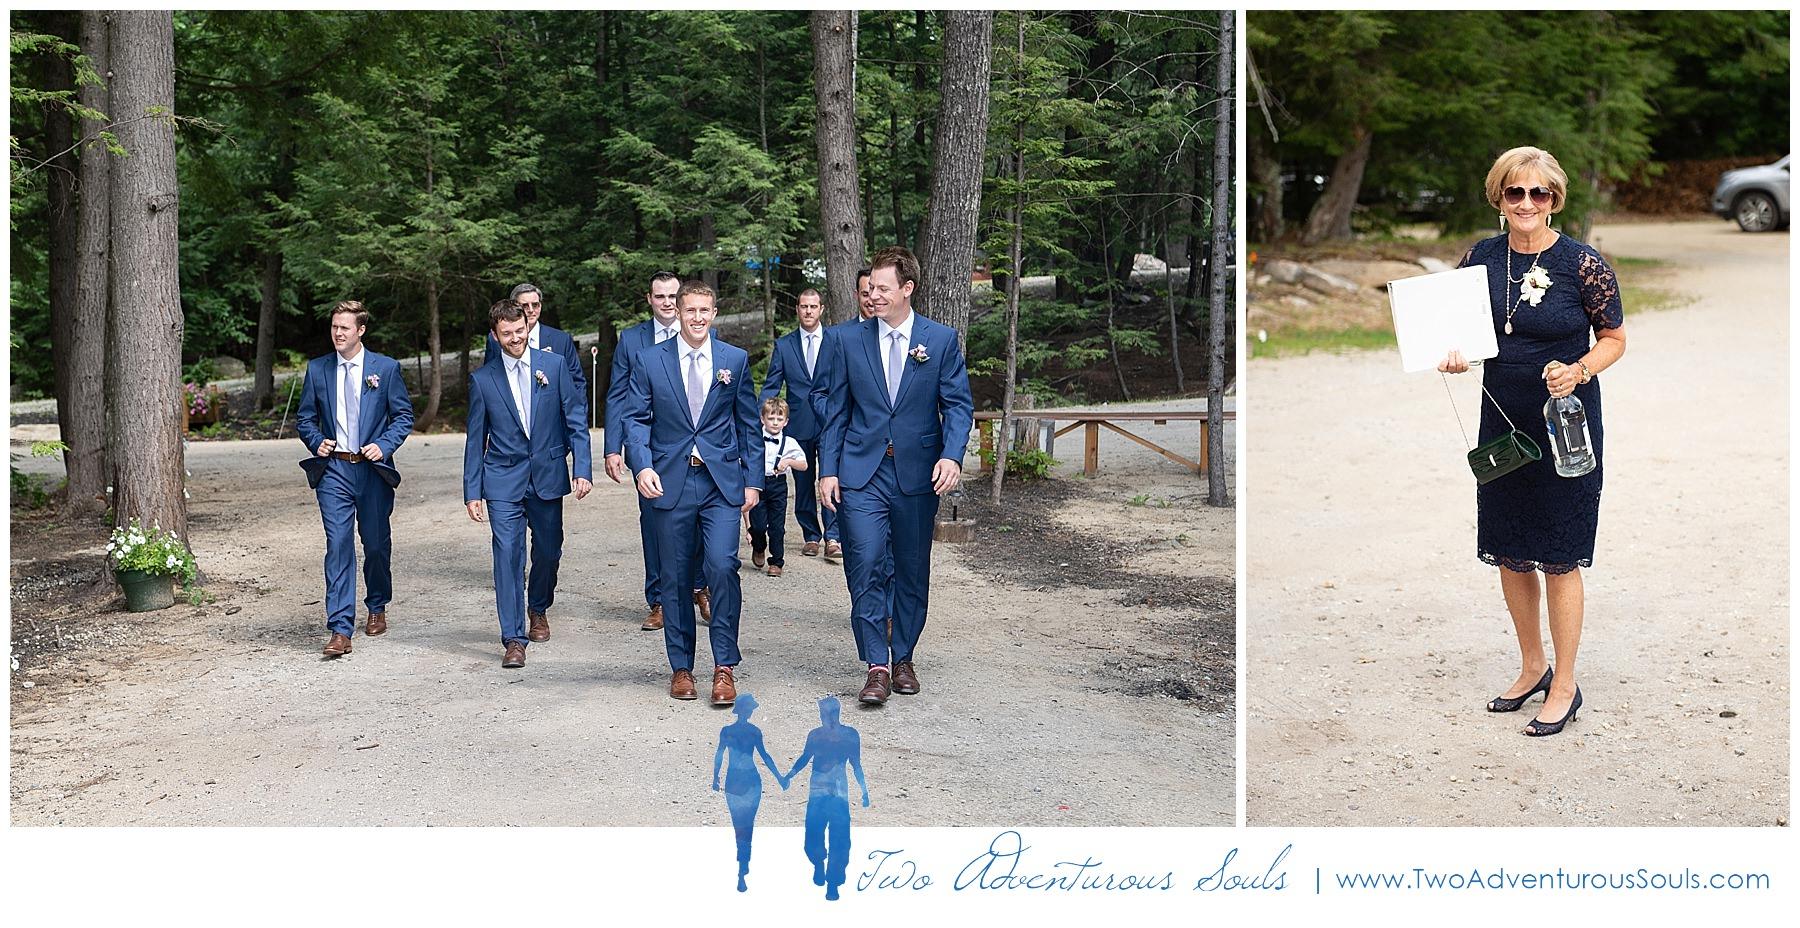 Maine Wedding Photographers, Granite Ridge Estate Wedding Photographers, Two Adventurous Souls - 080319_0014.jpg